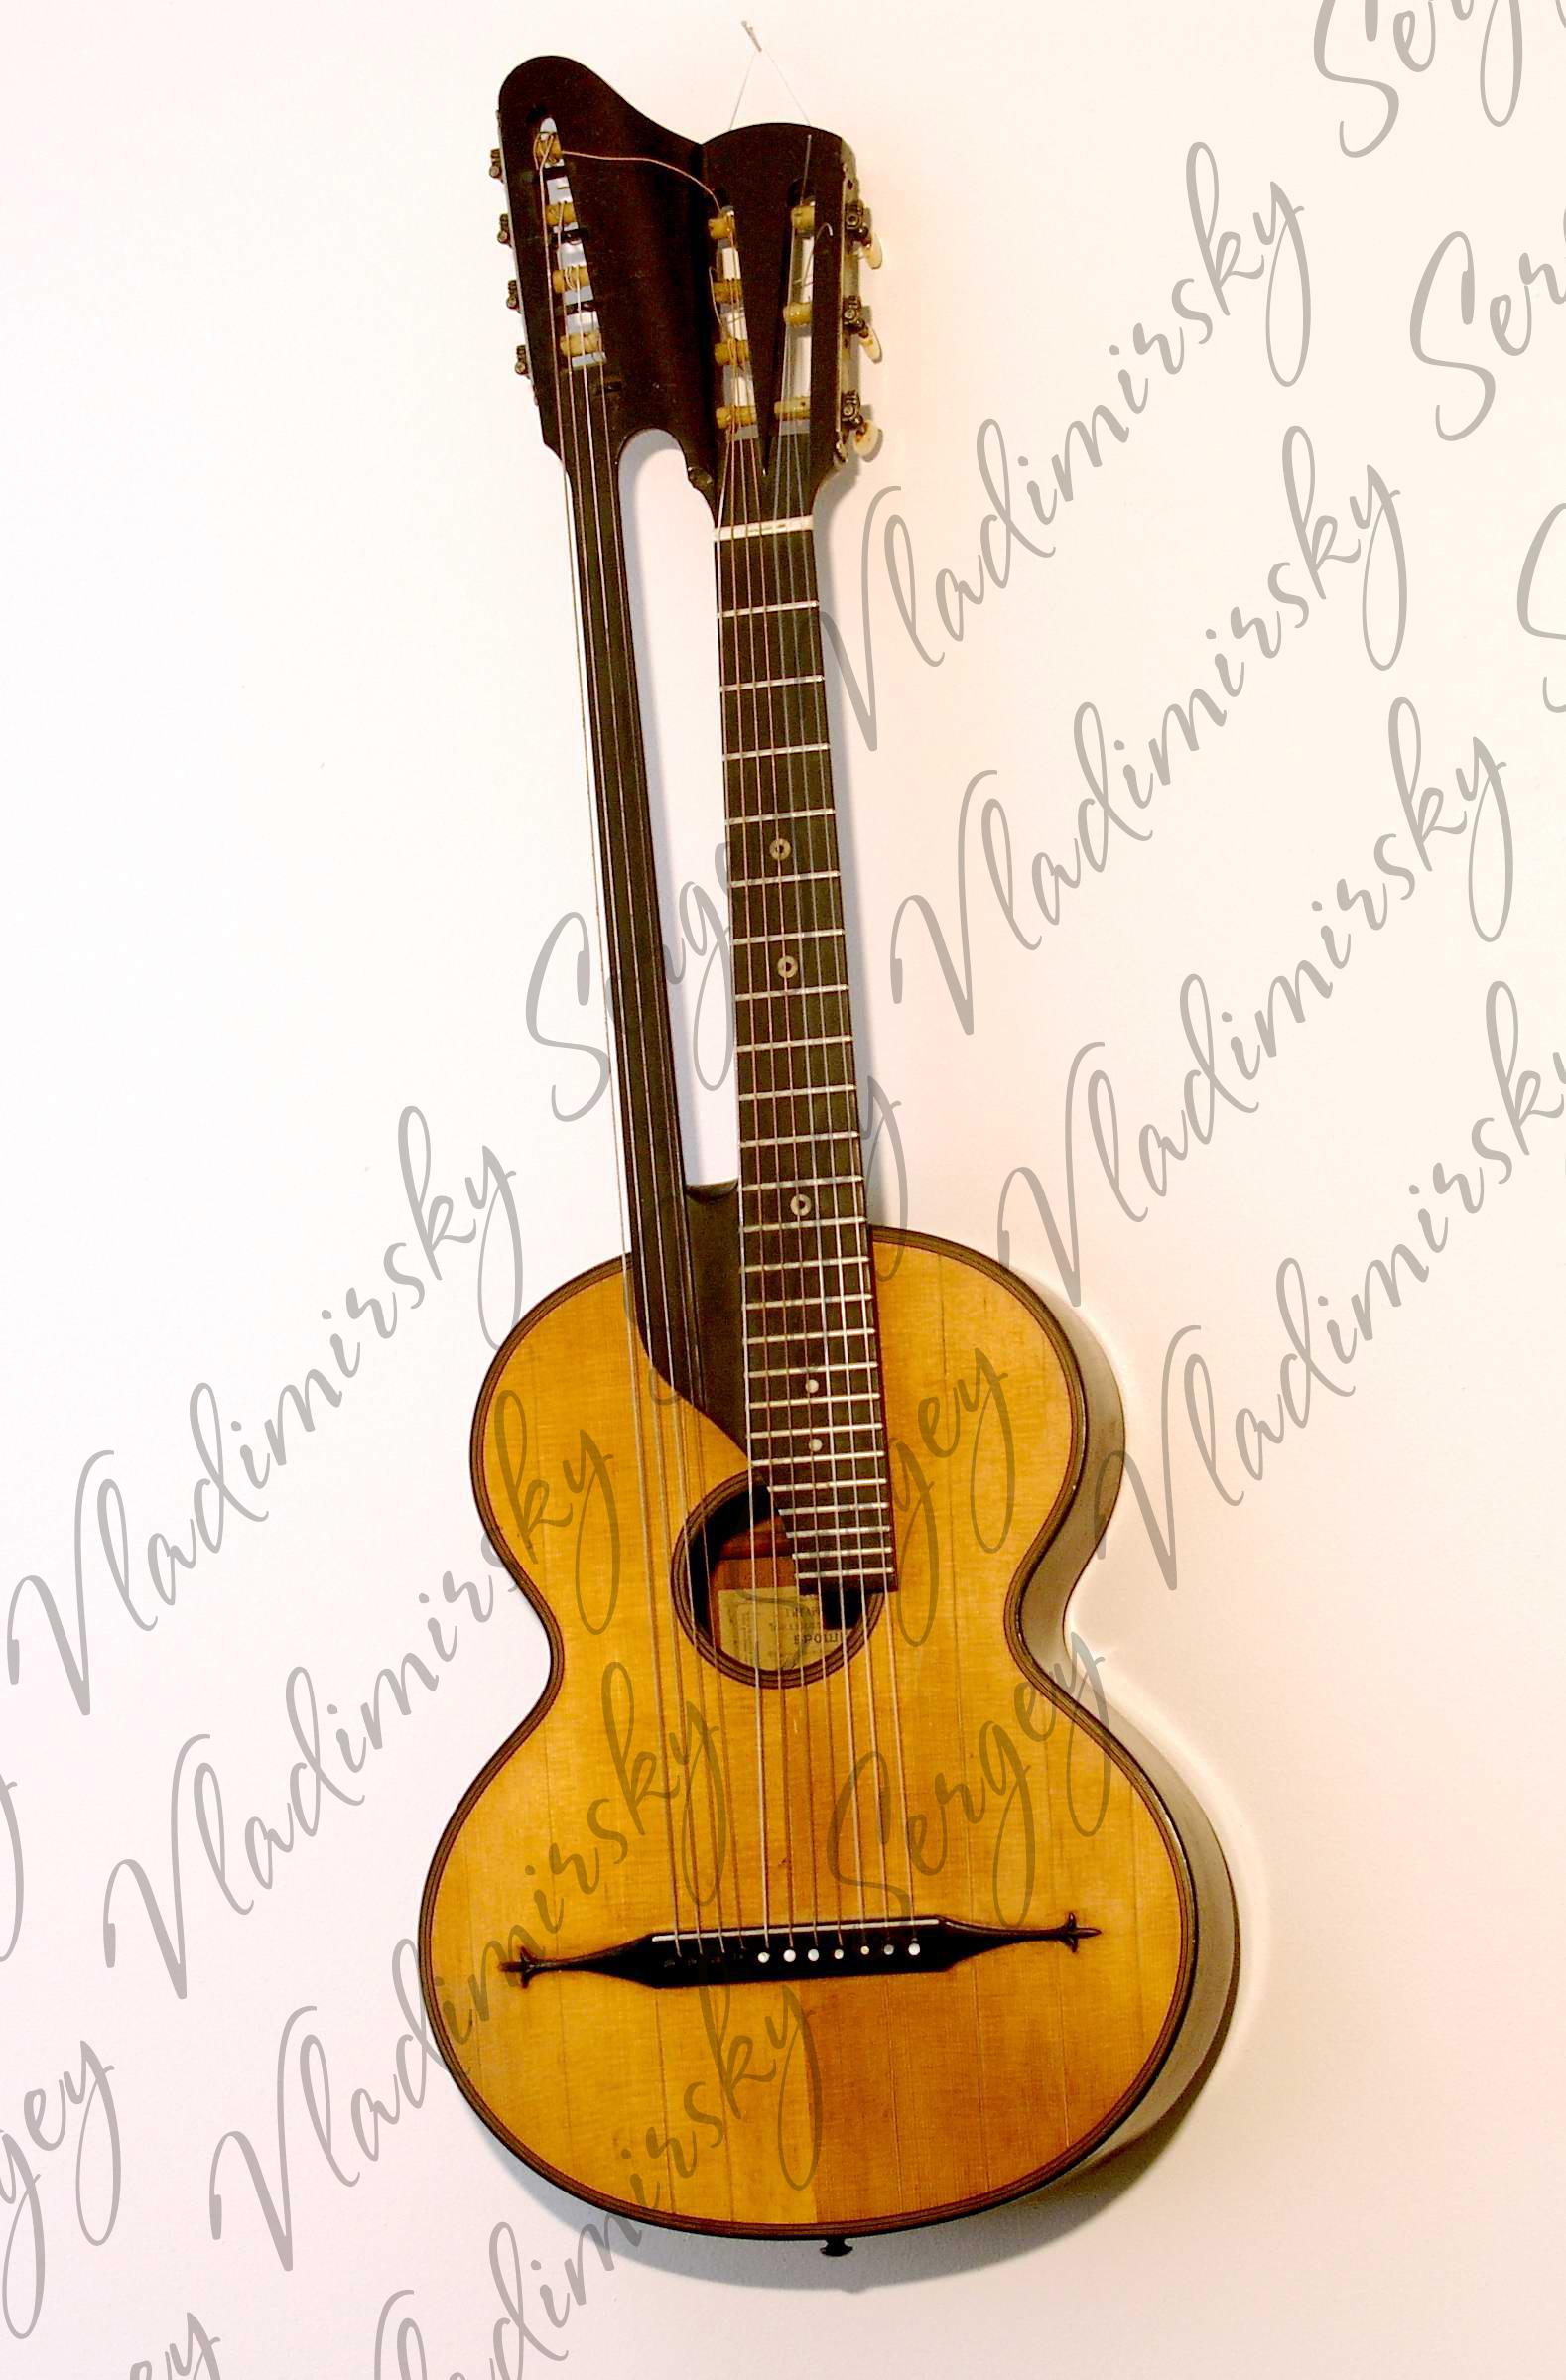 Семиструнная гитара с дополнительным басовым грифом